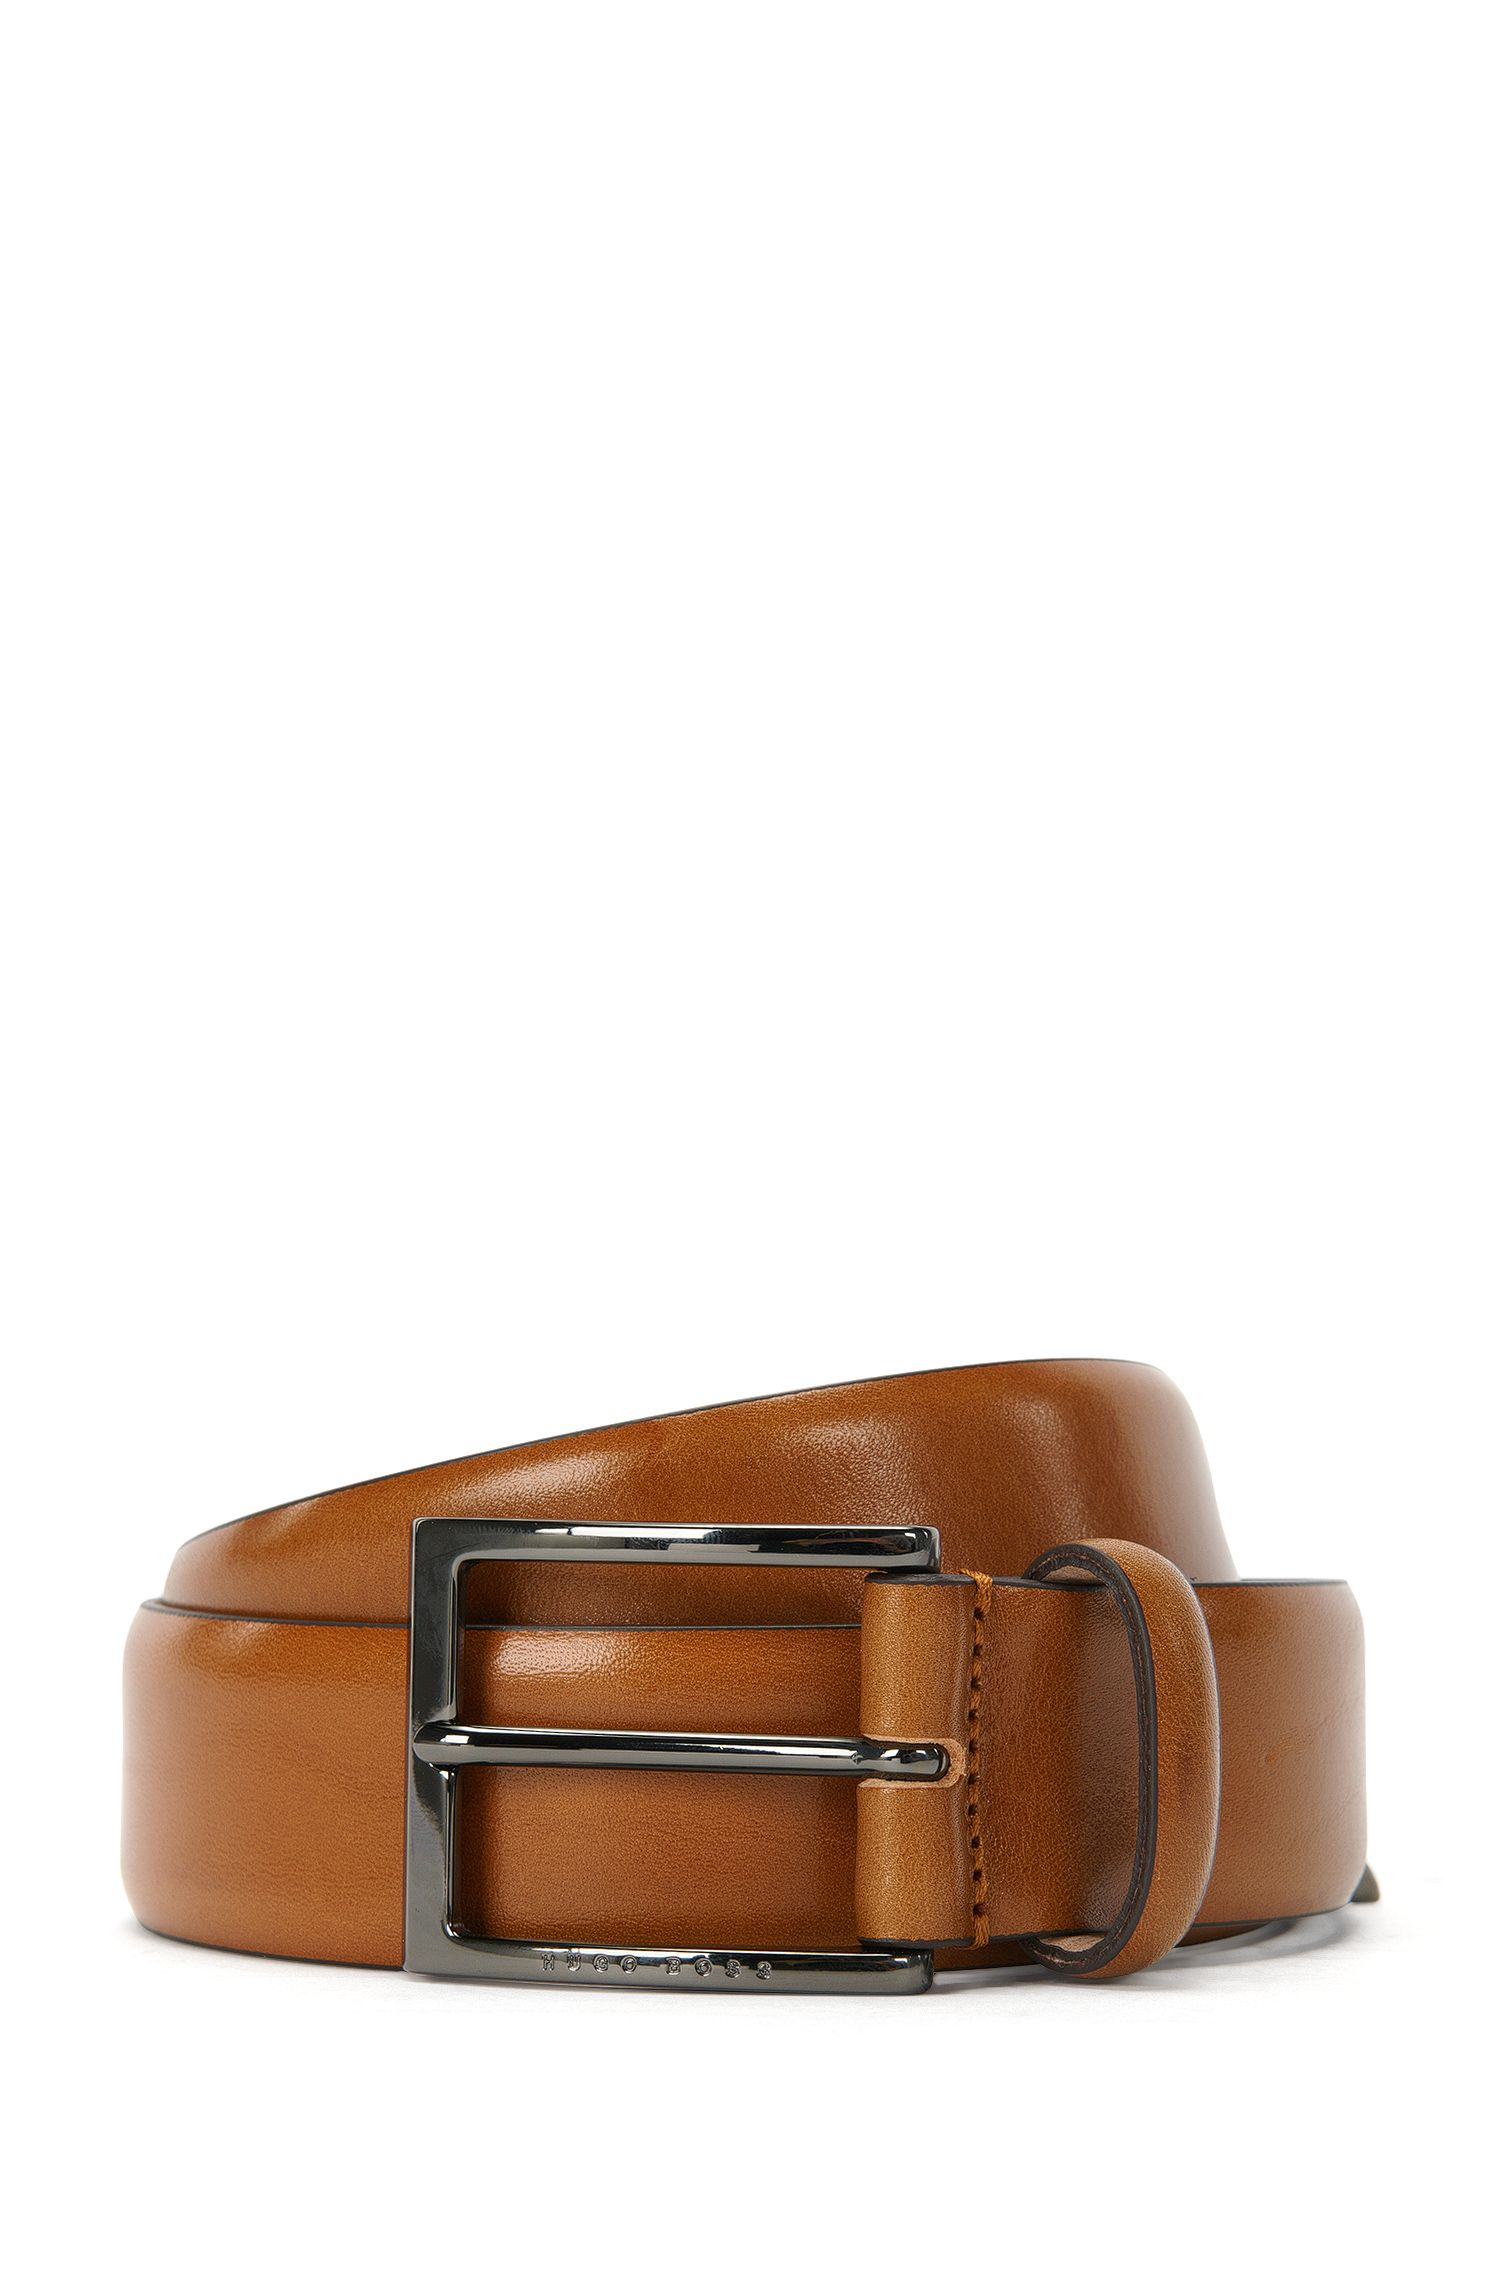 Tailored Gürtel aus pflanzlich gegerbtem Leder, Braun